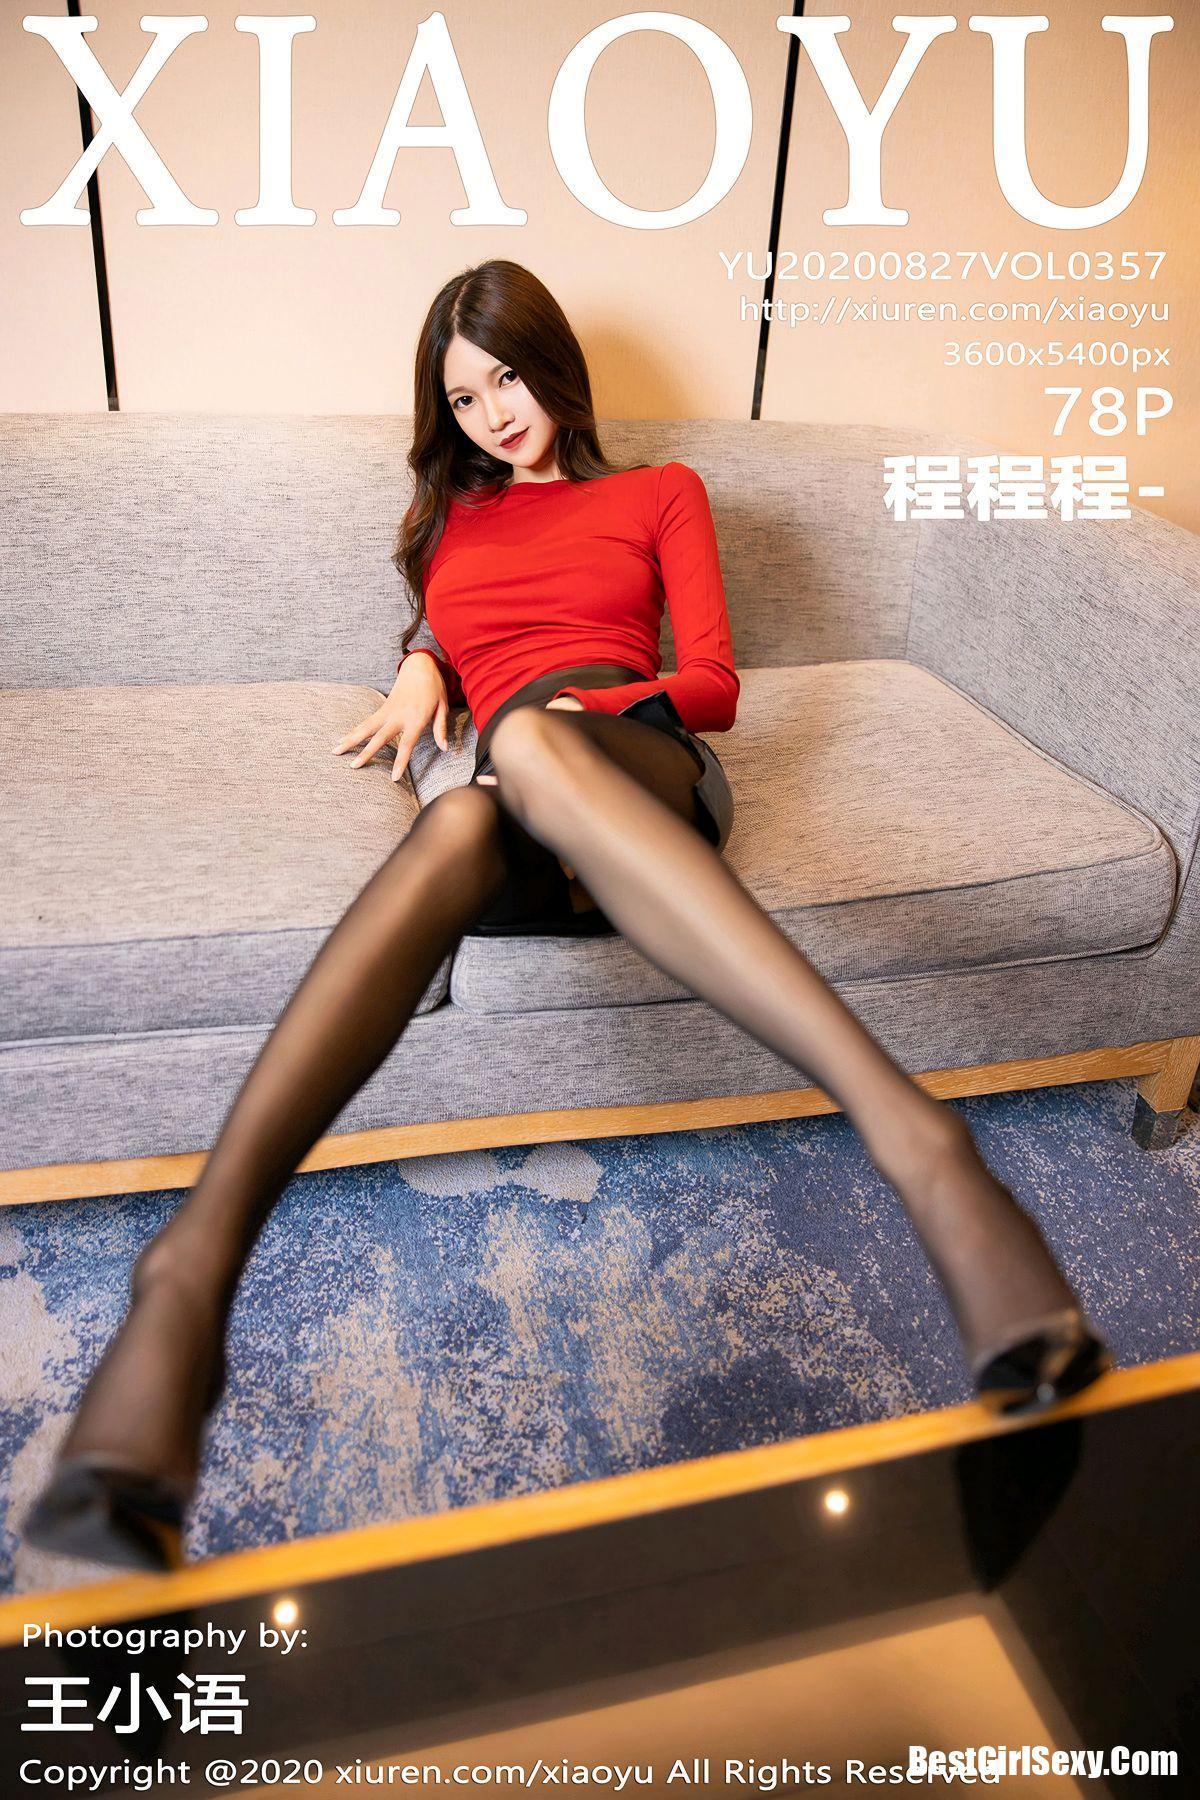 XiaoYu 语画界 Vol.357 Kiren Cheng Cheng Cheng